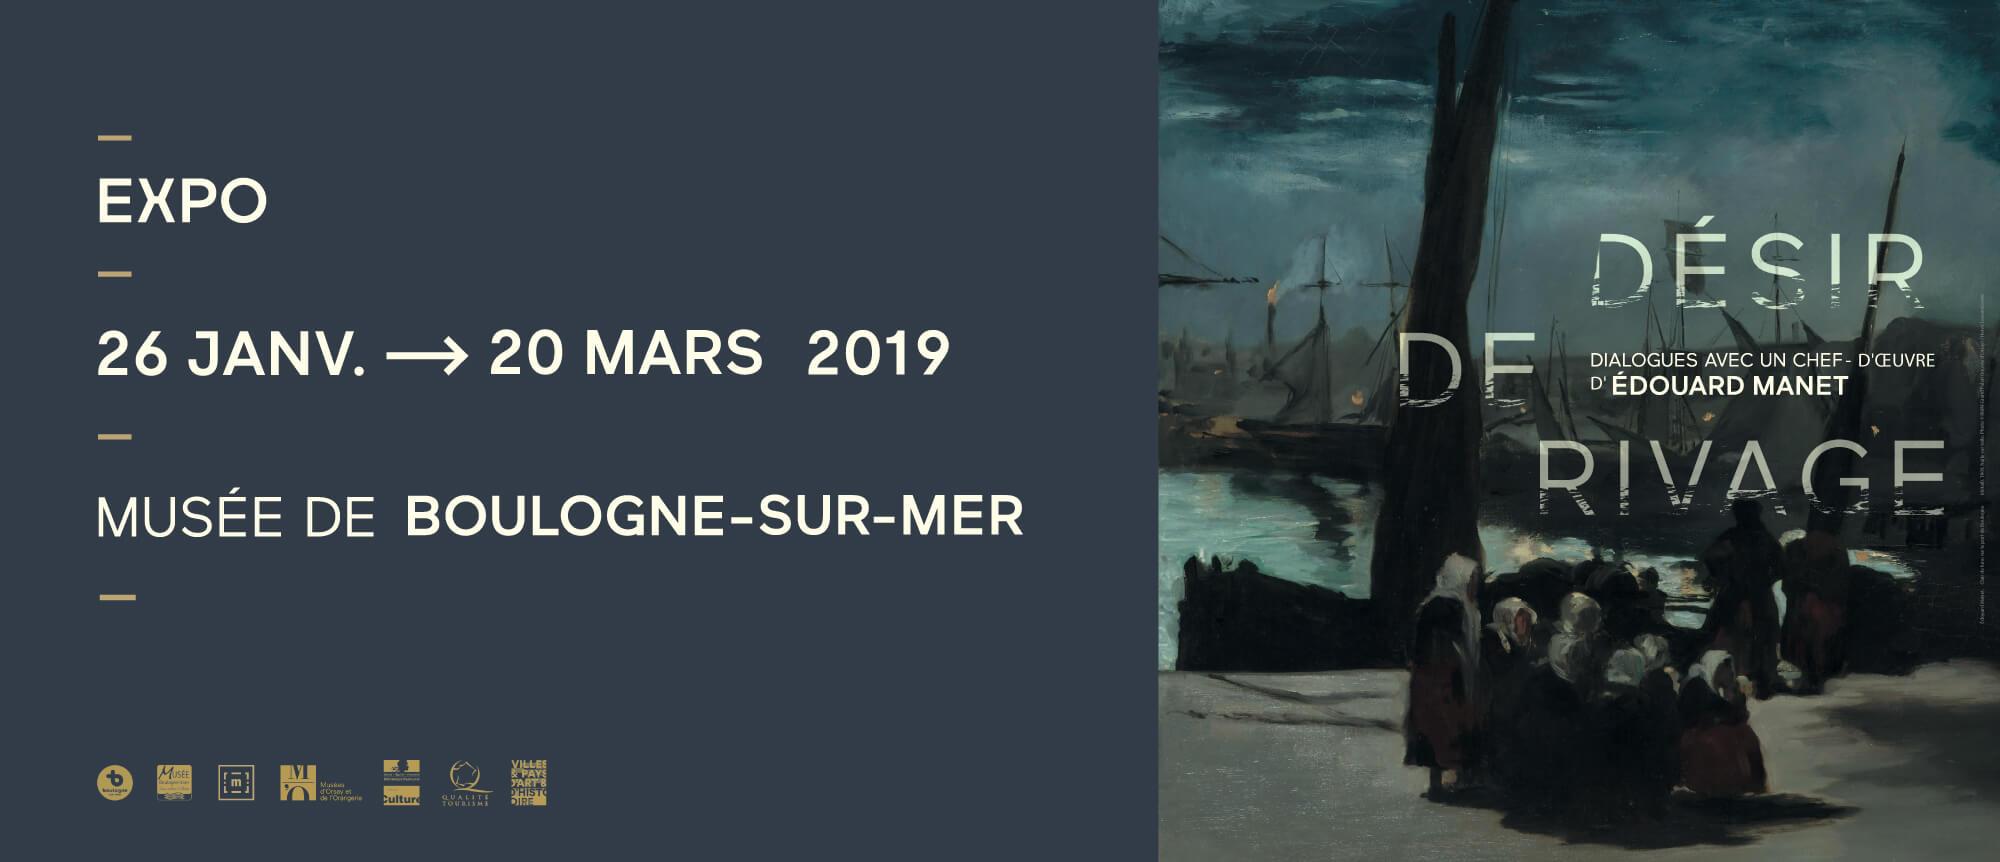 Site officiel de la Ville Boulogne-sur-Mer 5cc9d13621b1